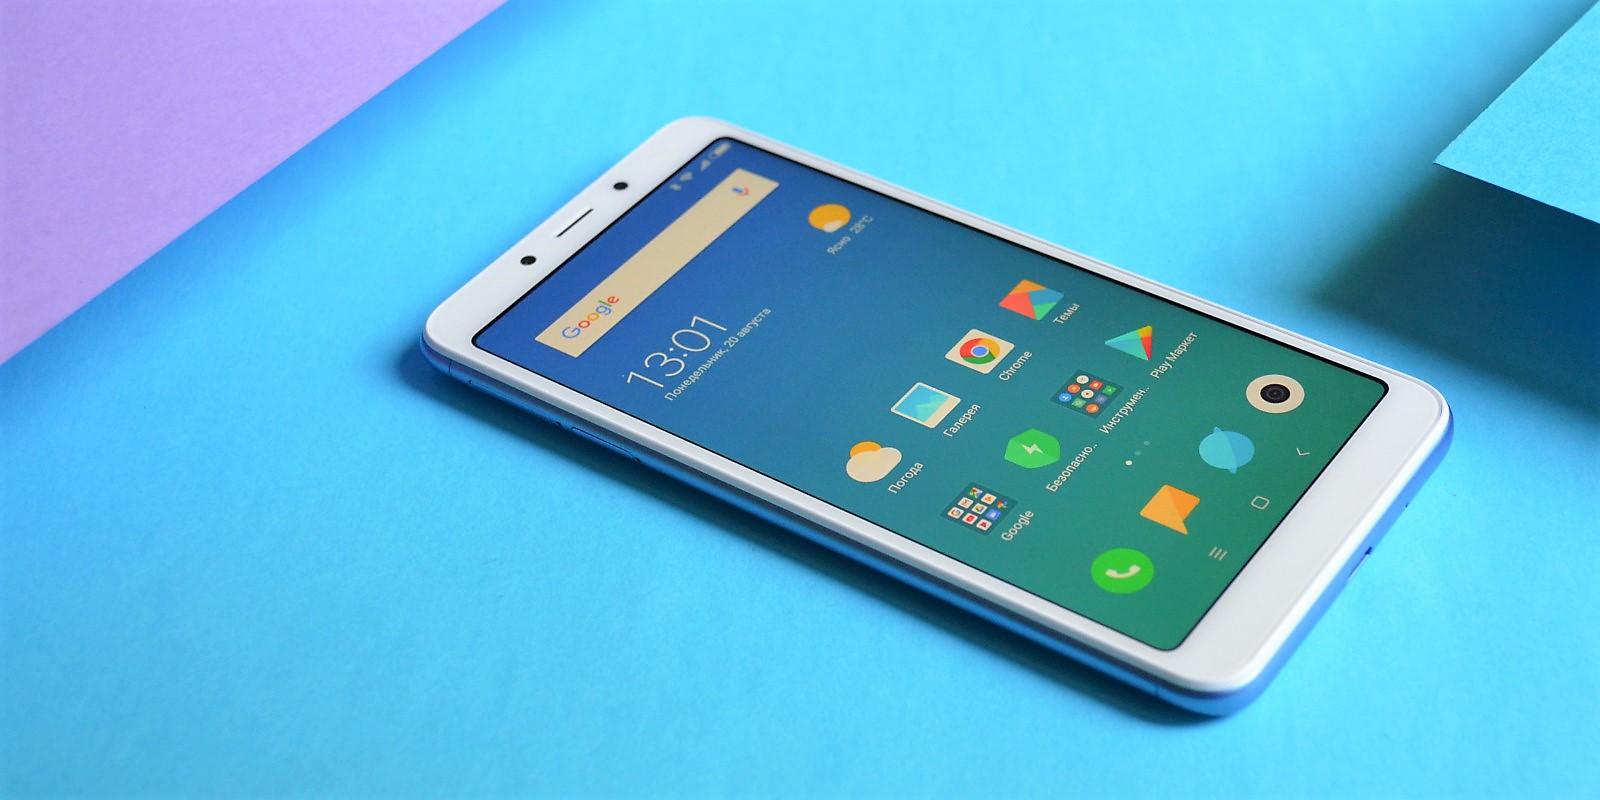 Обзор Xiaomi Redmi 6 — нового хита среди бюджетных смартфонов - Лайфхакер aeb6178d0b78c